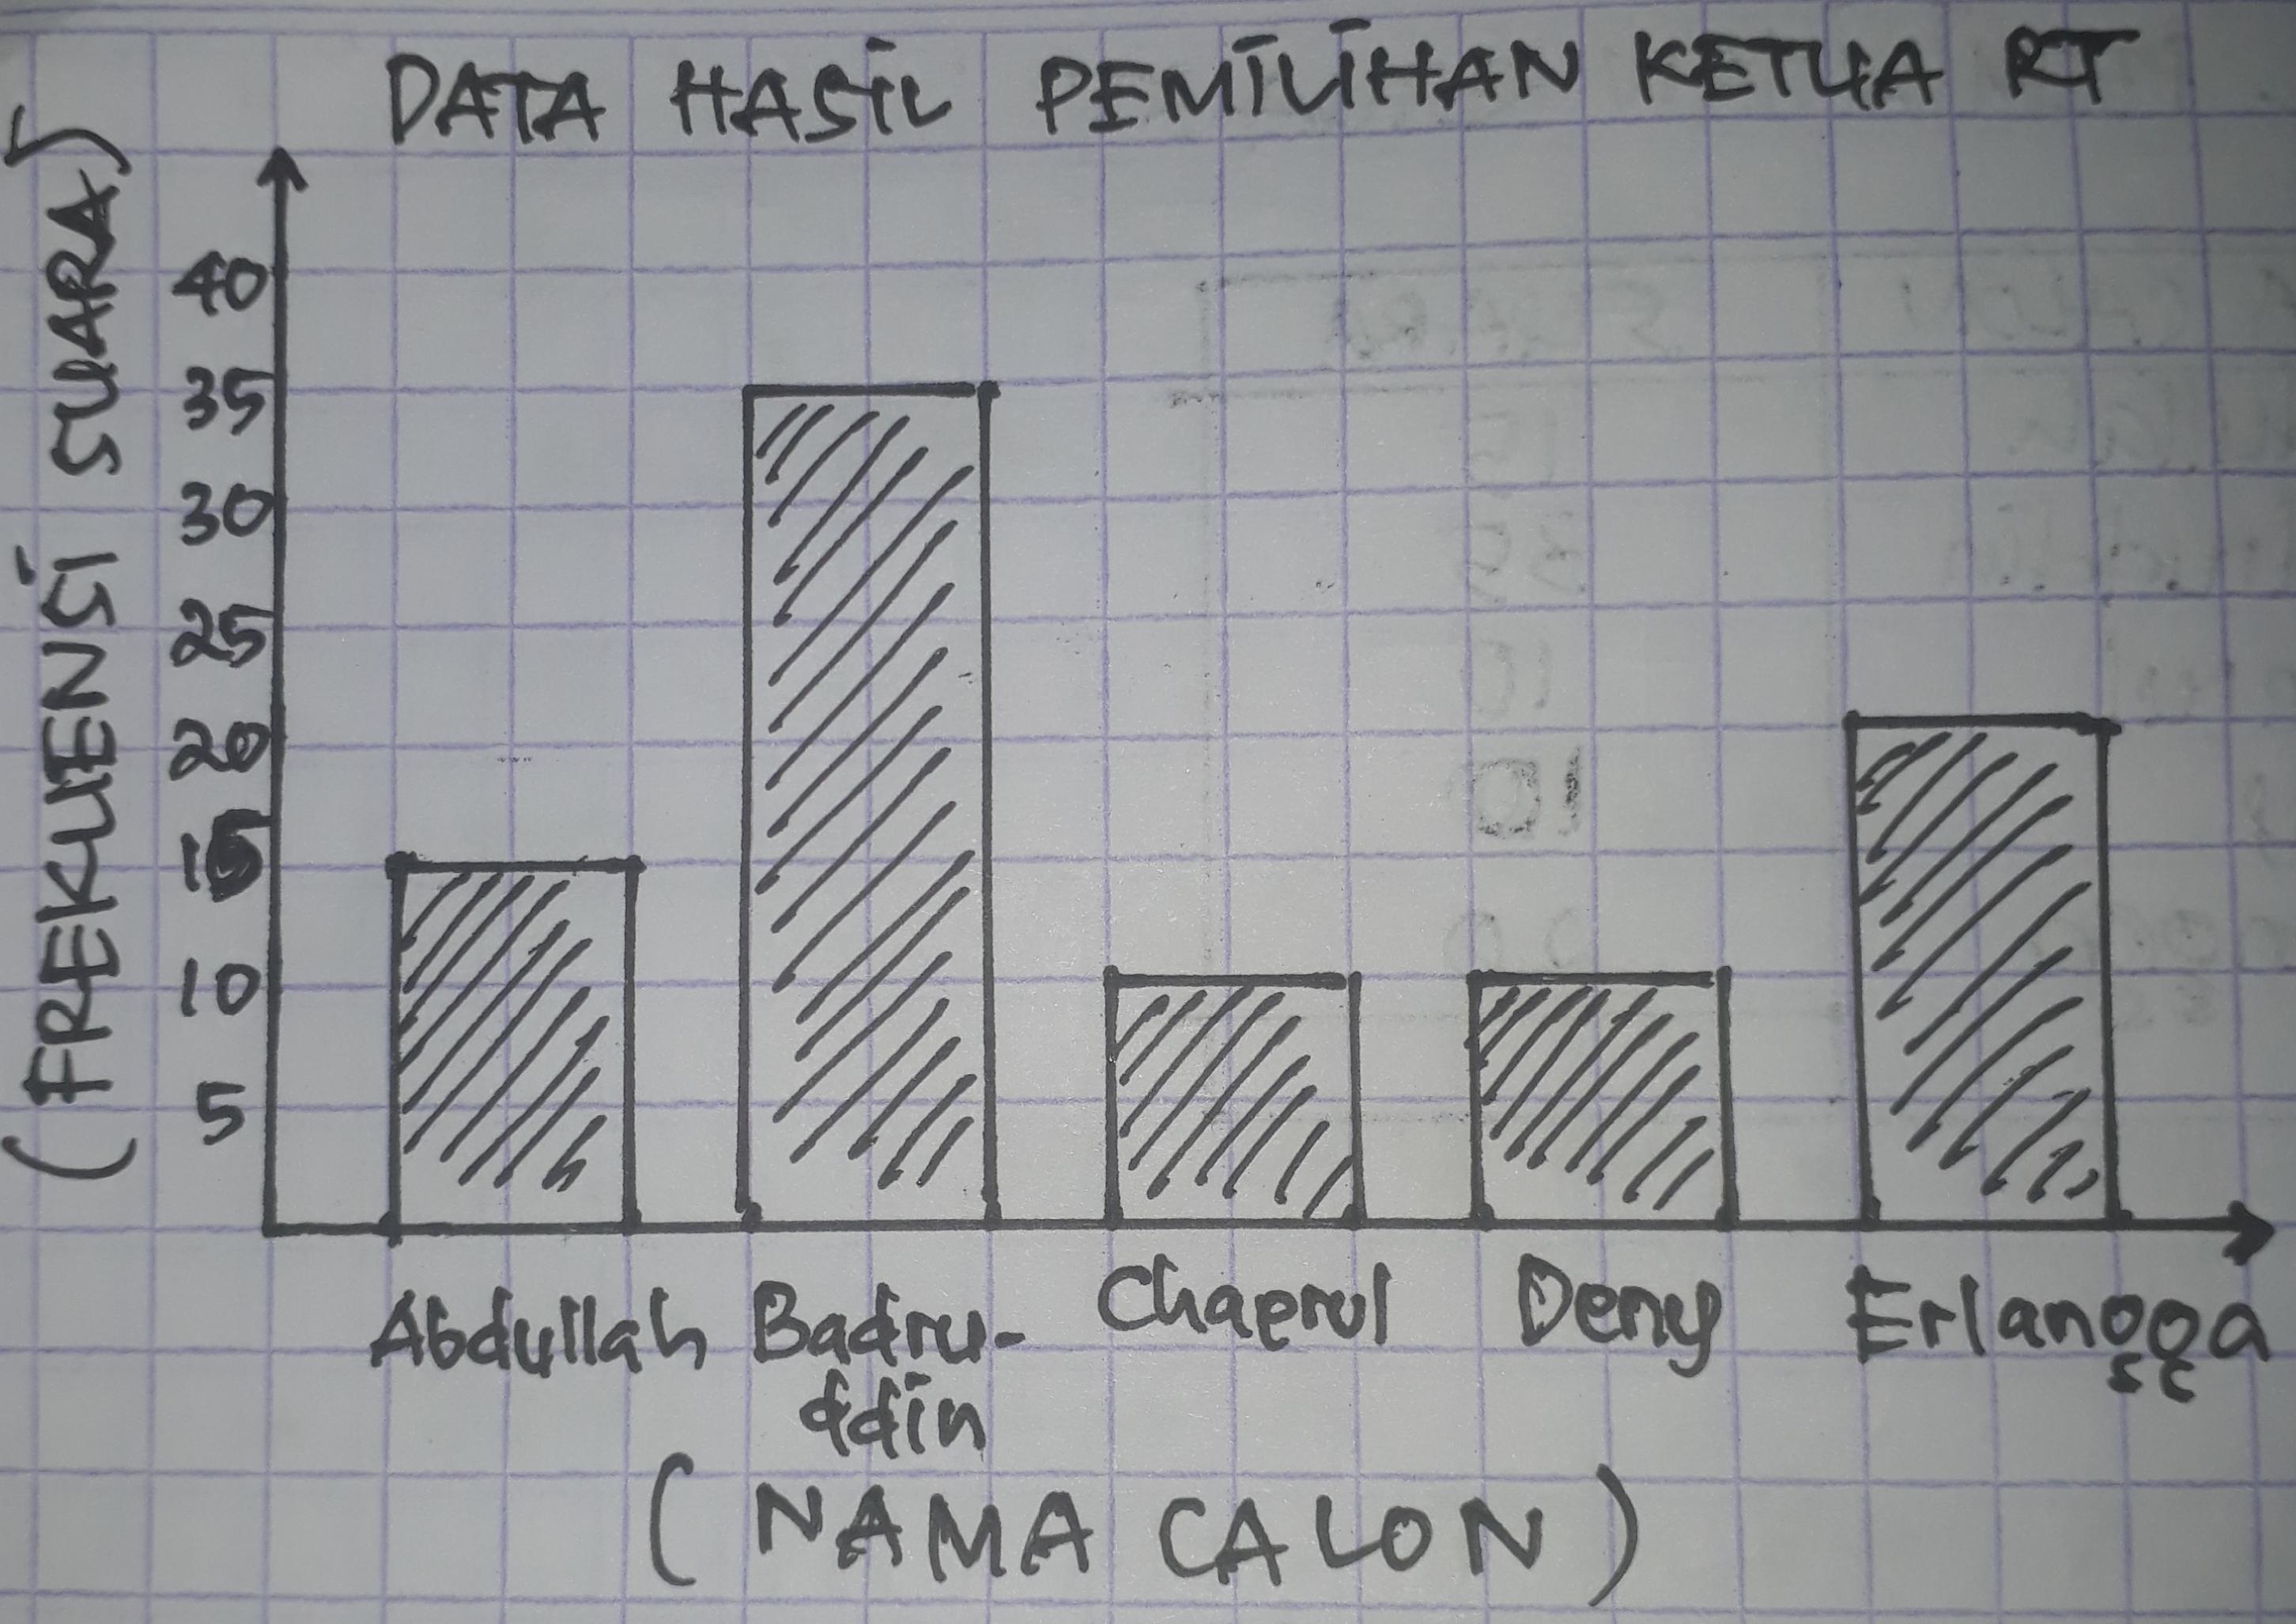 Contoh Soal Dan Jawaban Diagram Garis Diagram Batang ...